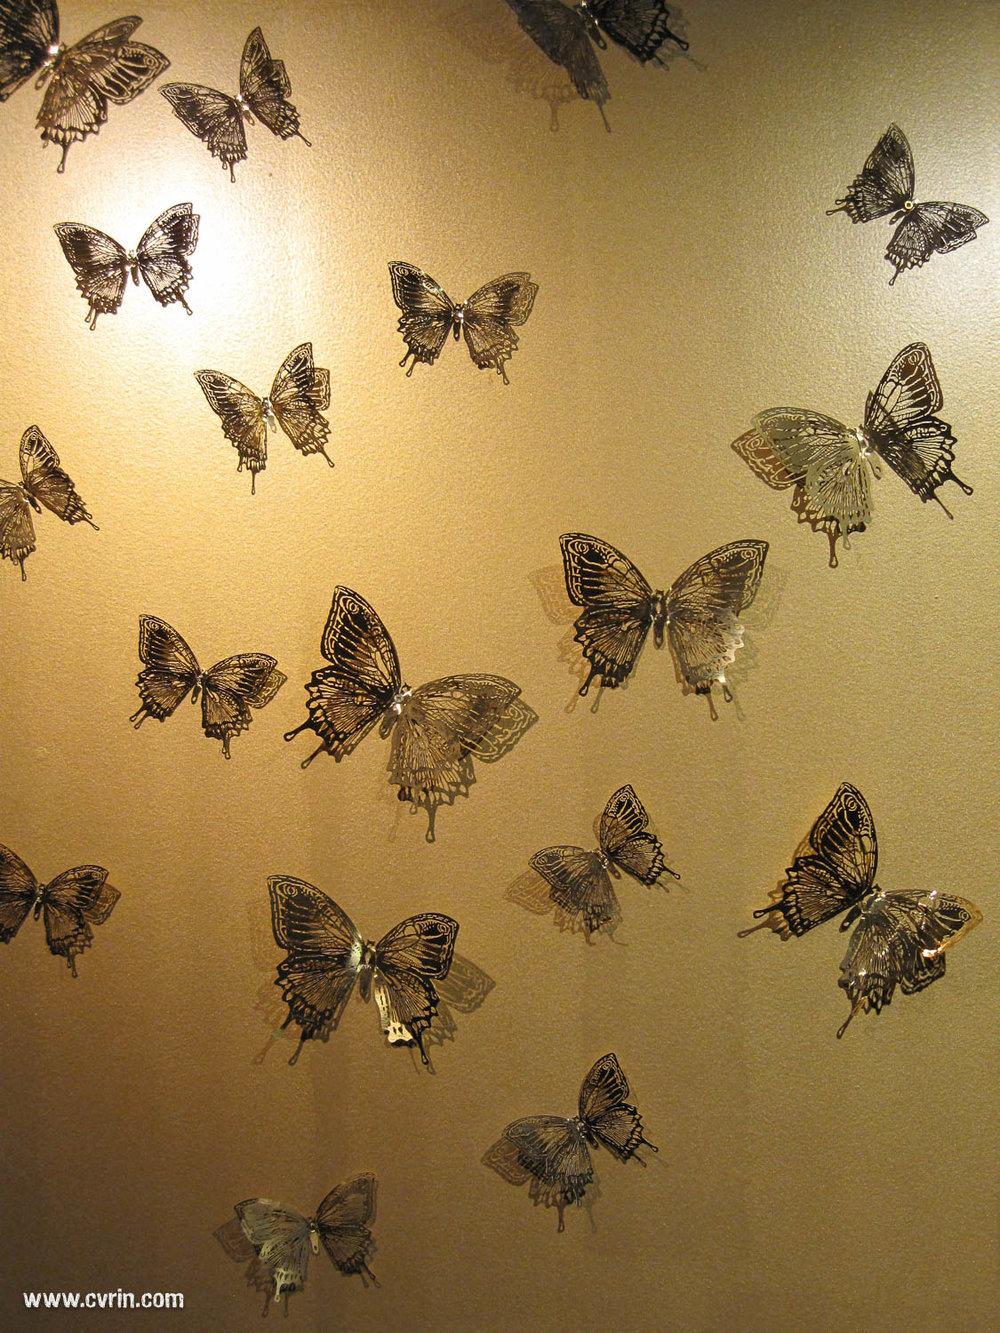 La décoration de notre hôtel, plein de papillons partout!